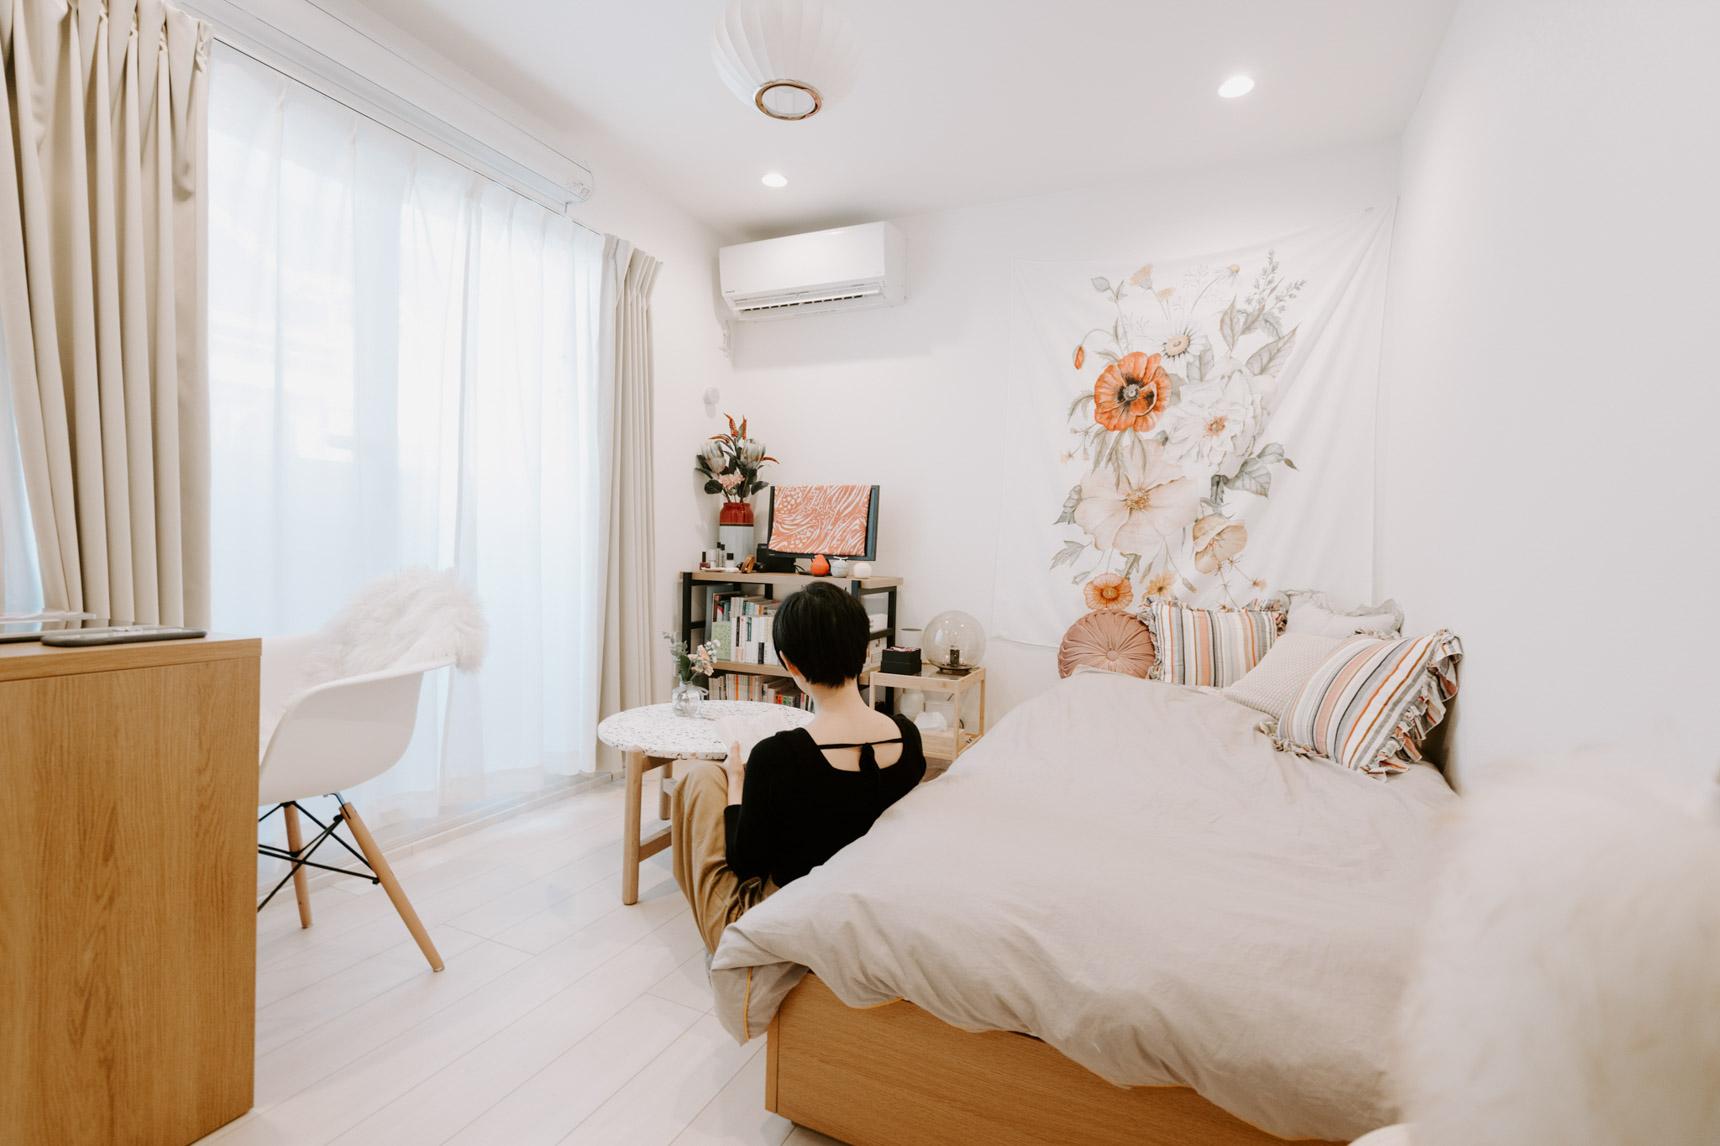 白やオレンジ、グリーンなど、鮮やかな色合いをしつつも、色のトーンを統一しているこちらのお部屋。部屋を印象付ける壁の布が素晴らしいアクセントに。帰ってくるたびに、元気をもらえそうです。(このお部屋をもっと見る)